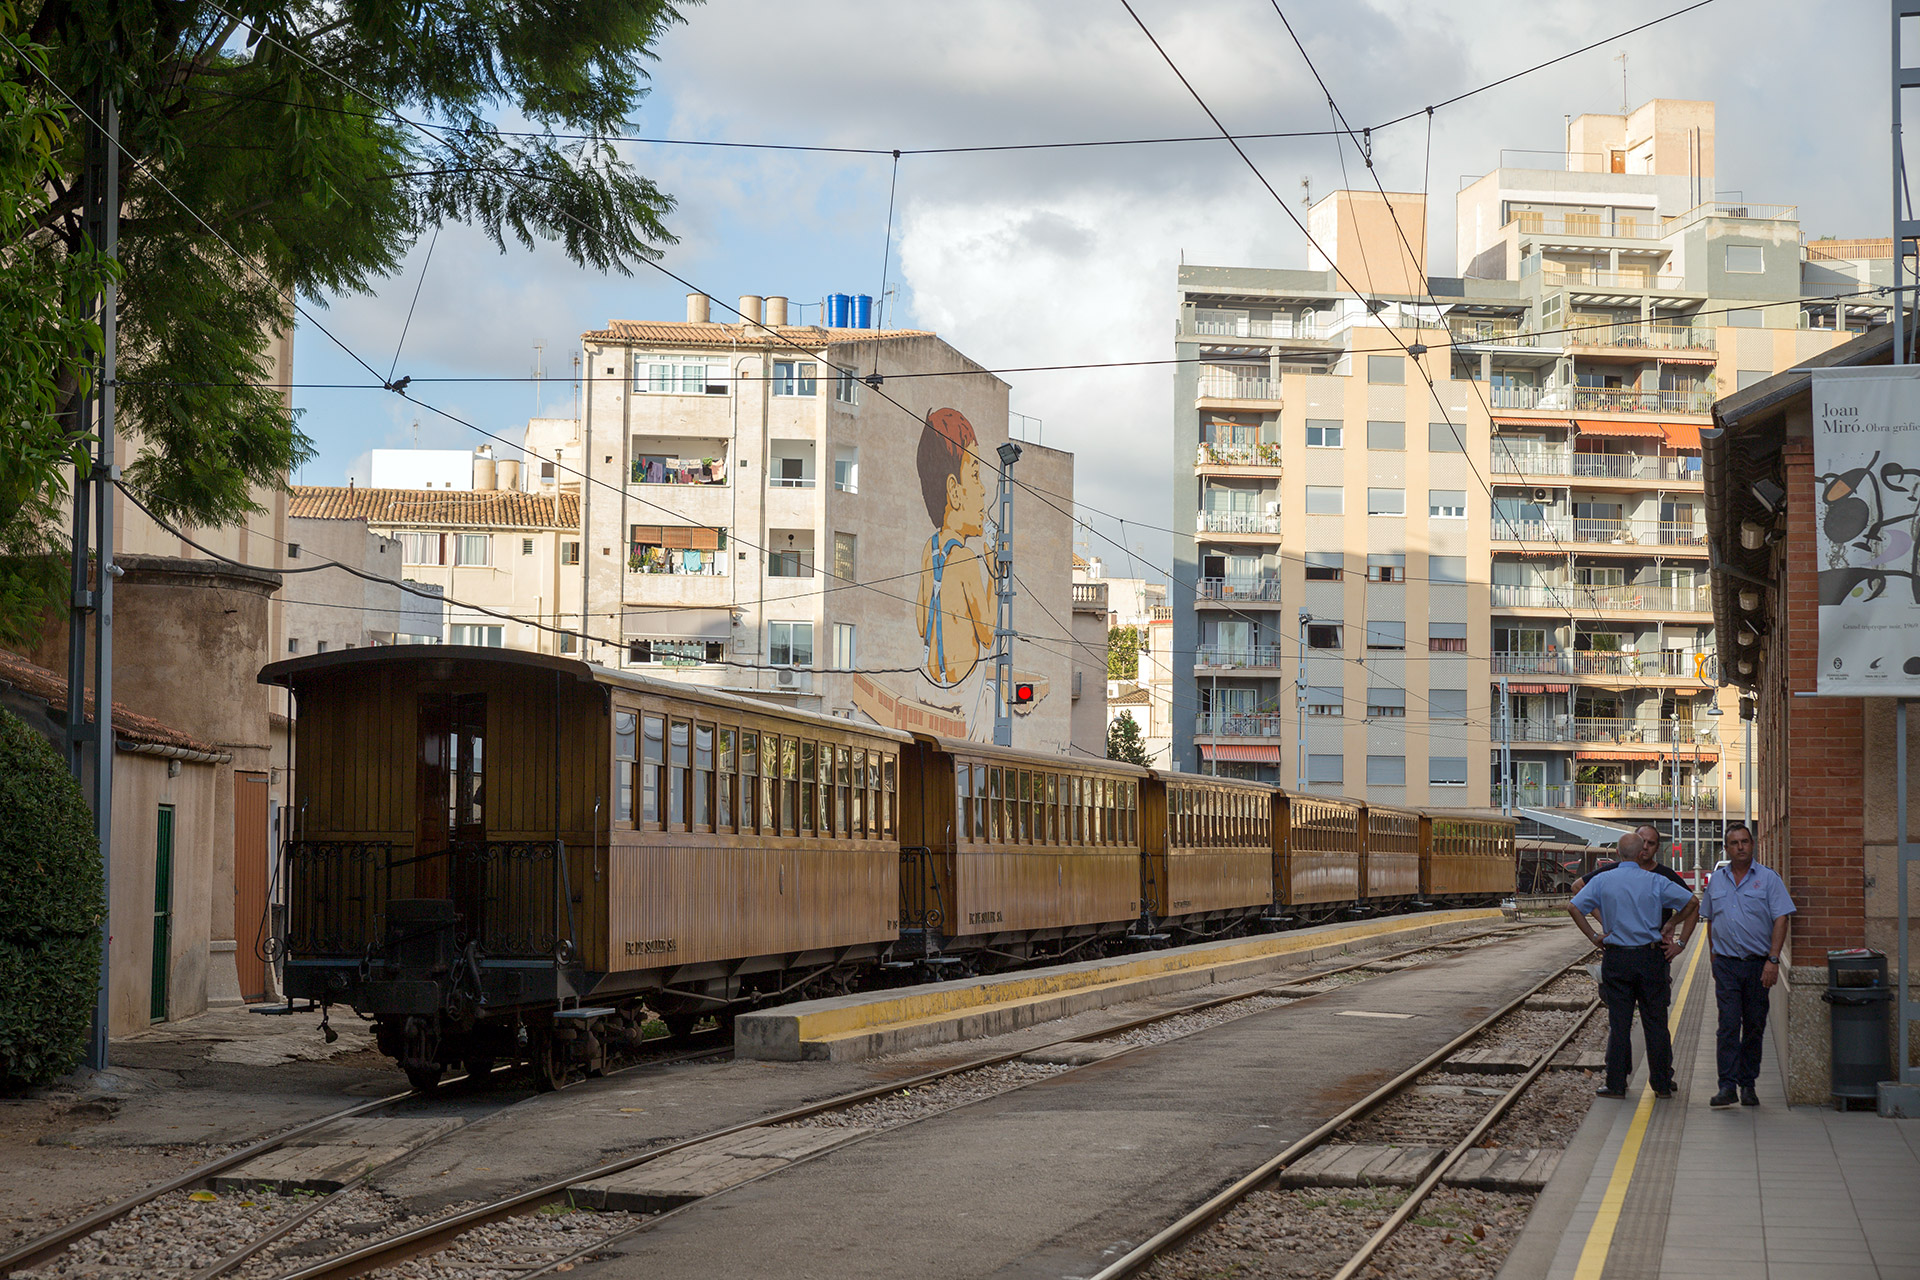 Tren de Sóller, Palma de Mallorca © Tuulia Kolehmainen